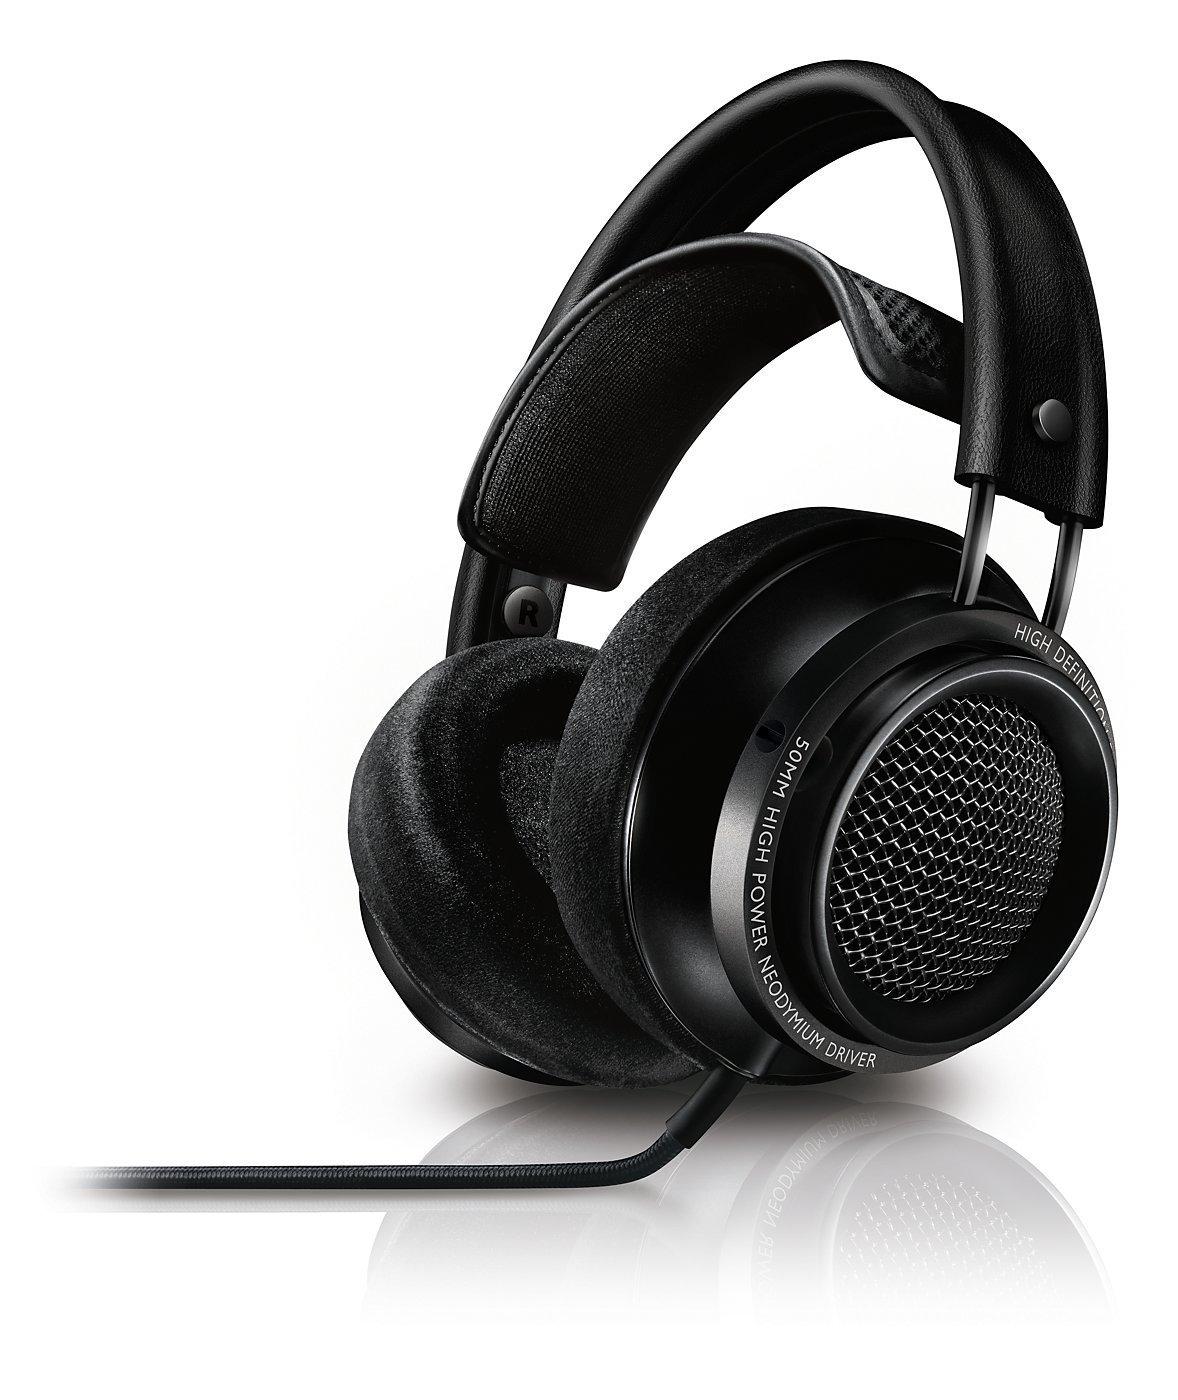 Philips Fidelio X2 Headphones - $150